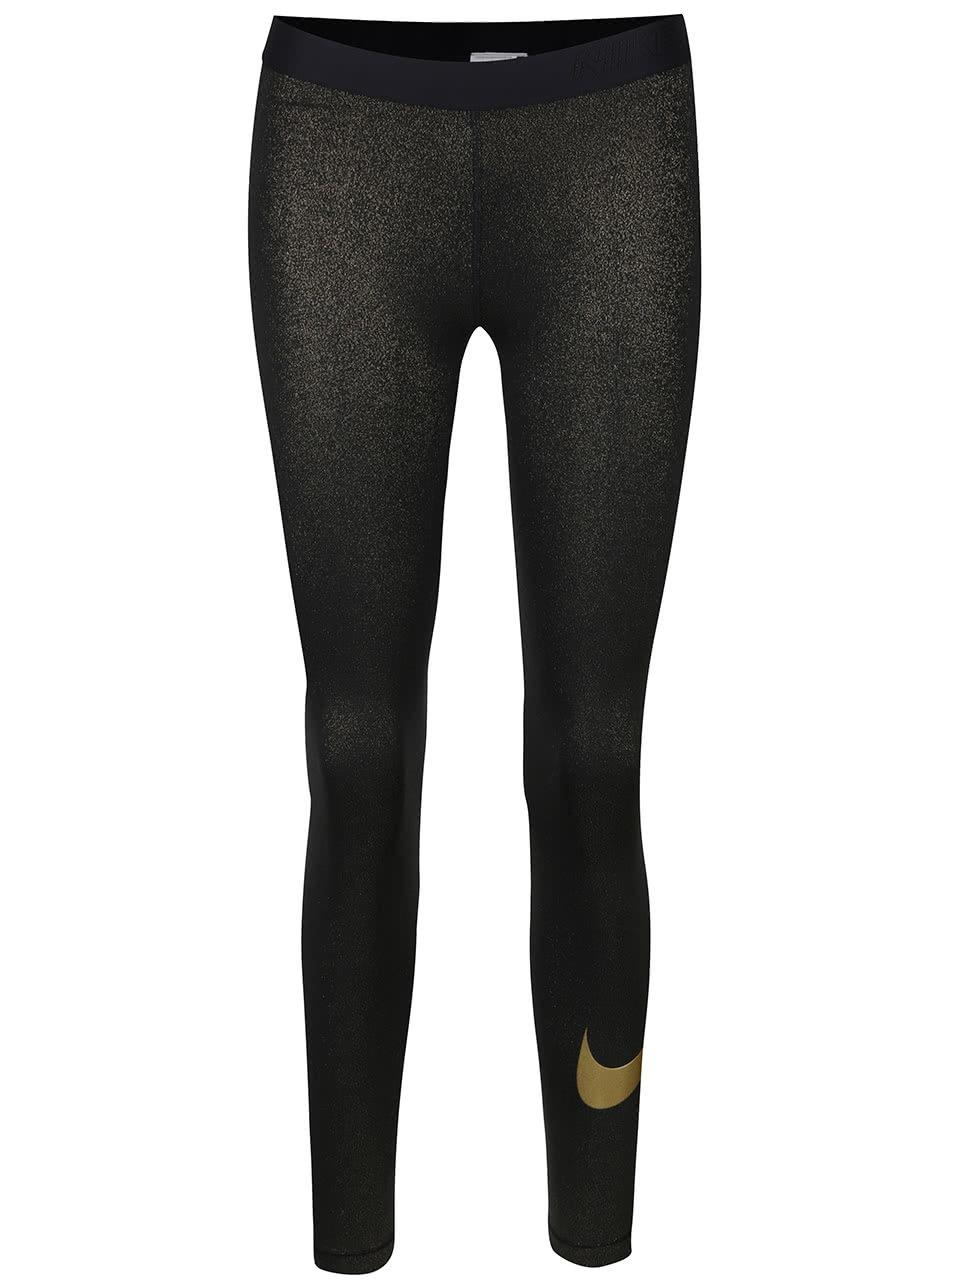 Dámské legíny ve zlato-černé barvě Nike Pro Cool Tight ... fa09ce5750